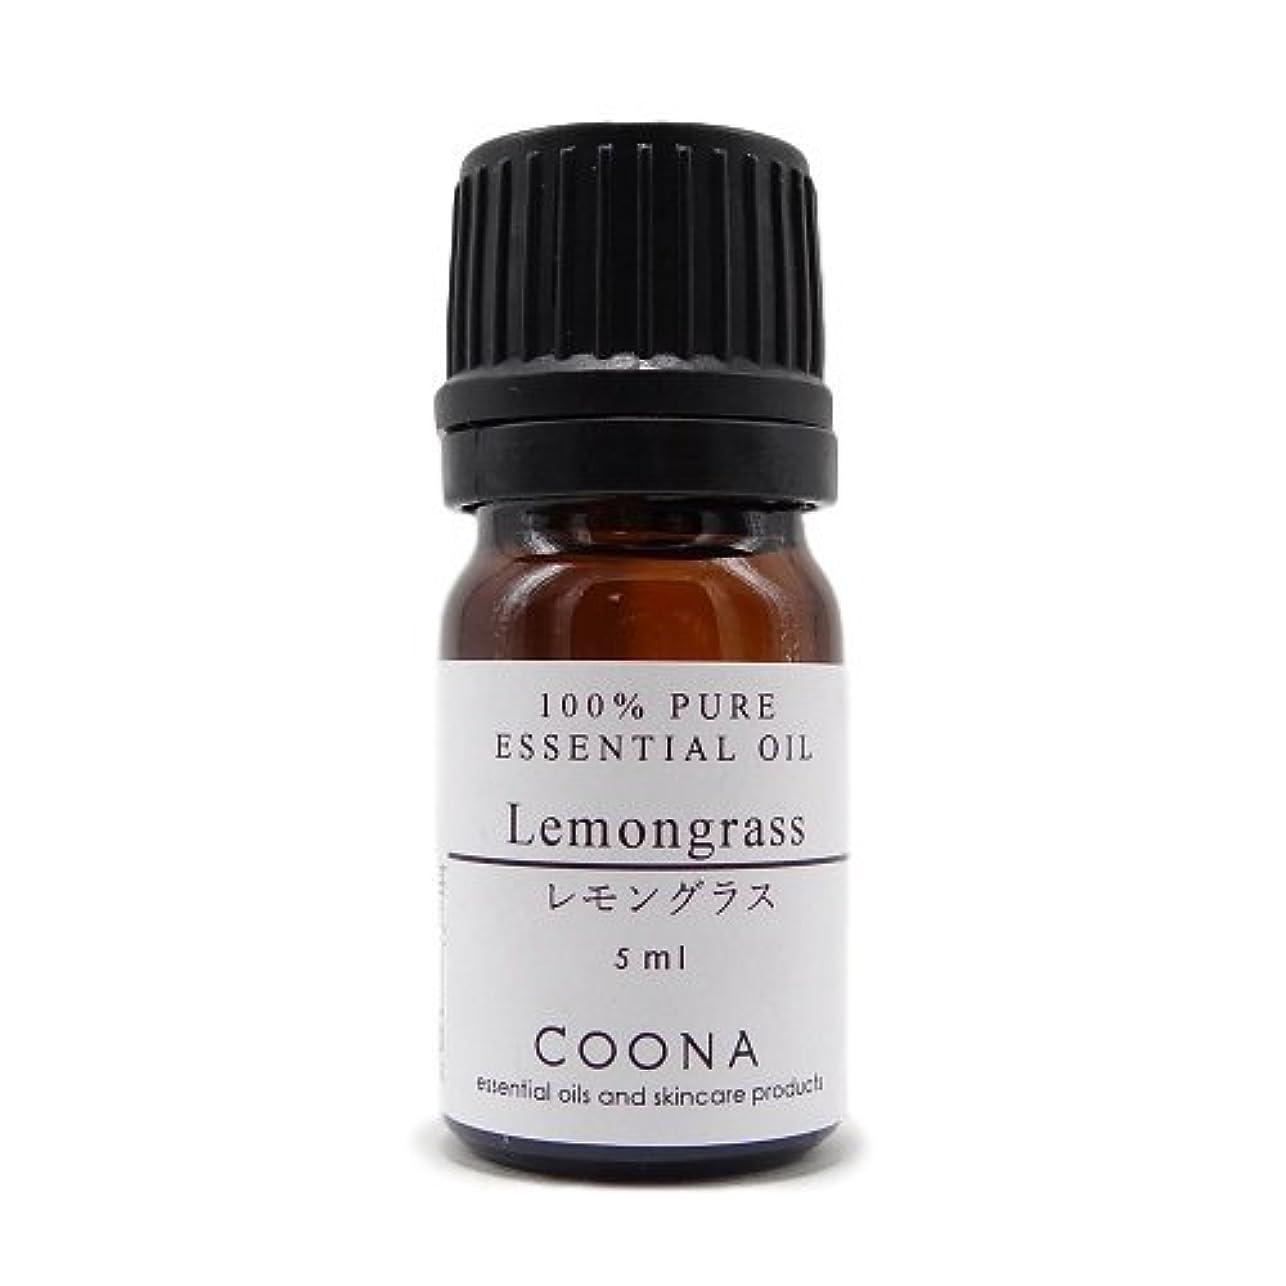 スペードカンガルー周術期レモングラス 5ml (COONA エッセンシャルオイル アロマオイル 100%天然植物精油)